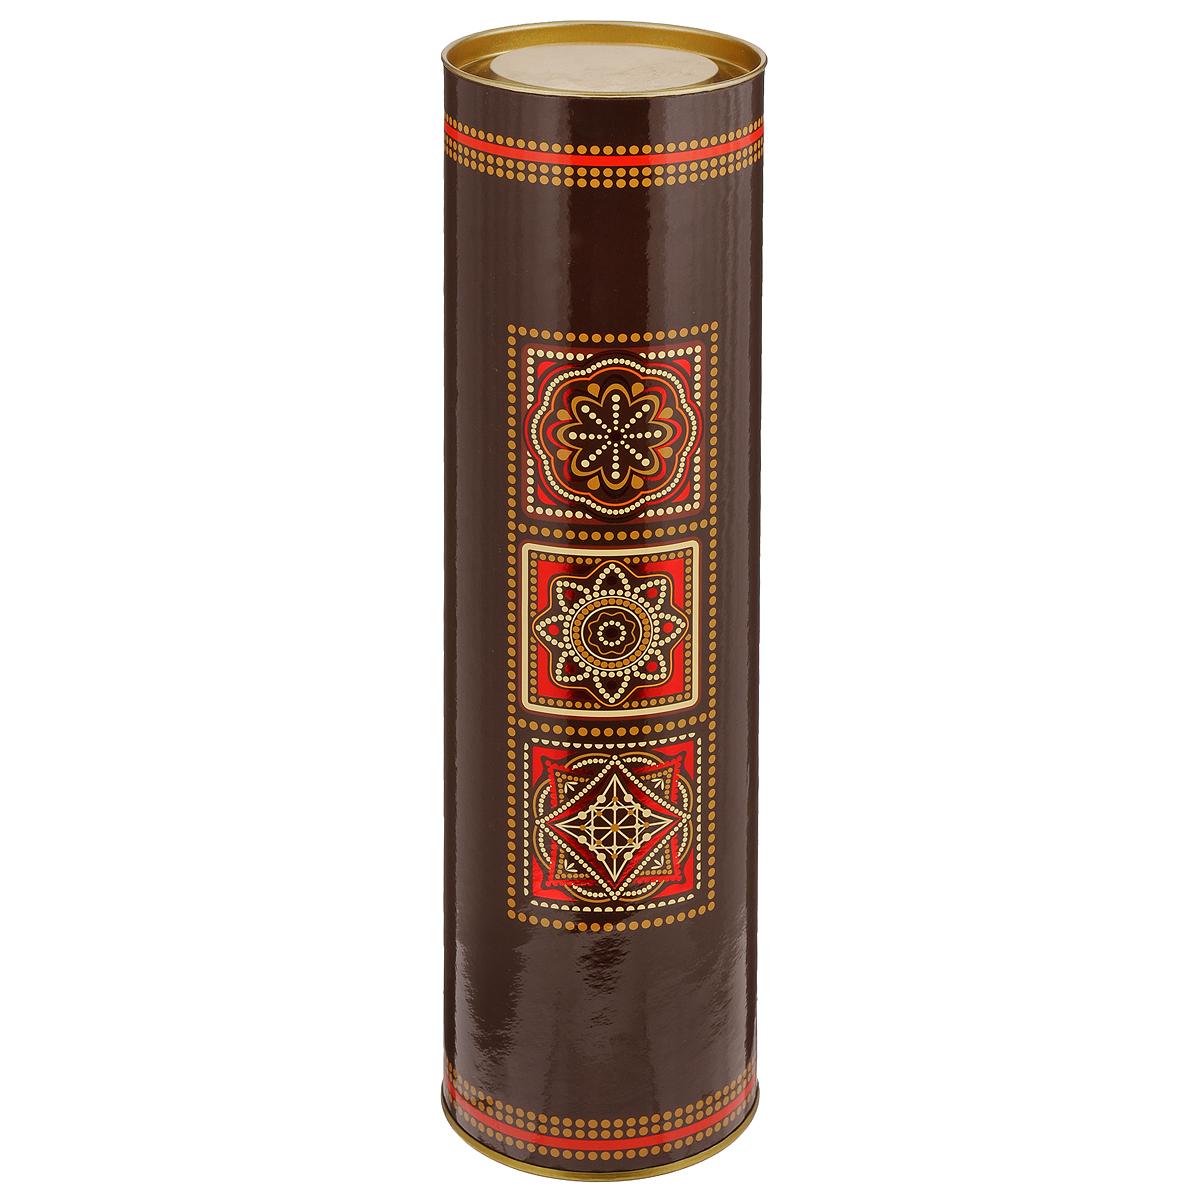 Туба подарочная Арабеска, 9 х 9 х 35 см4610009210971Подарочная туба Арабеска изготовлена из металла и плотного картона, покрытого безопасным защитным УФ лаком. Изделие оформлено красивым орнаментом в восточном стиле. Прекрасно подходит в качестве подарочной упаковки для алкоголя. Красивый дизайн привлекает внимание, кроме того, он универсальный, поэтому туба подойдет в качестве подарочной упаковки как для женщин, так и для мужчин. Подарок, преподнесенный в оригинальной упаковке, всегда будет самым эффектным и запоминающимся. Окружите близких людей вниманием и заботой, вручив презент в нарядном, праздничном оформлении.